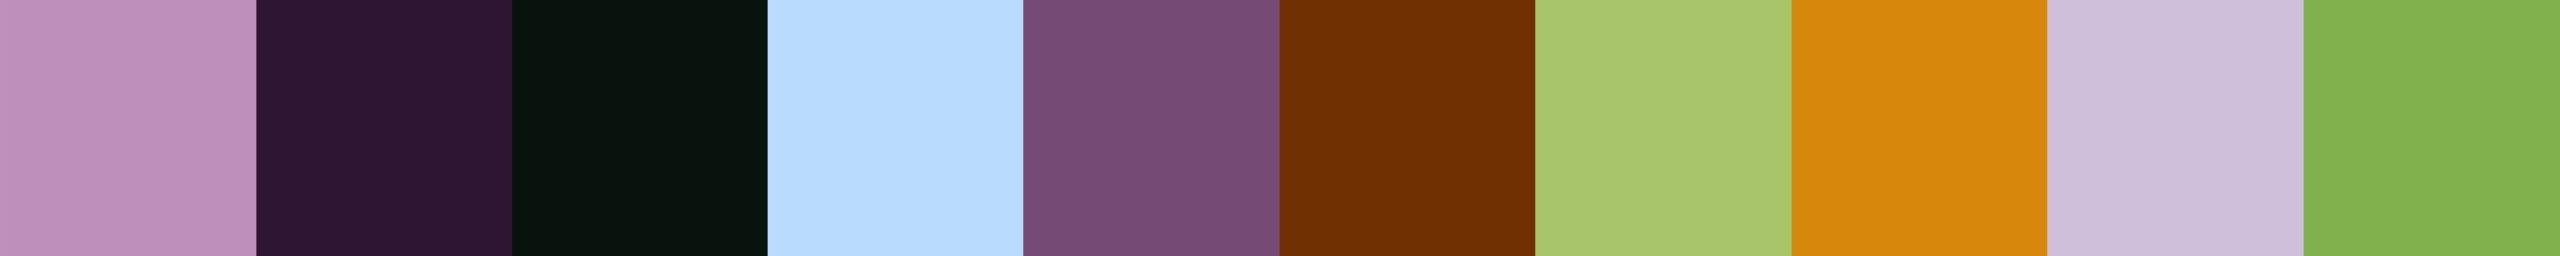 632 Lufcia Color Palette